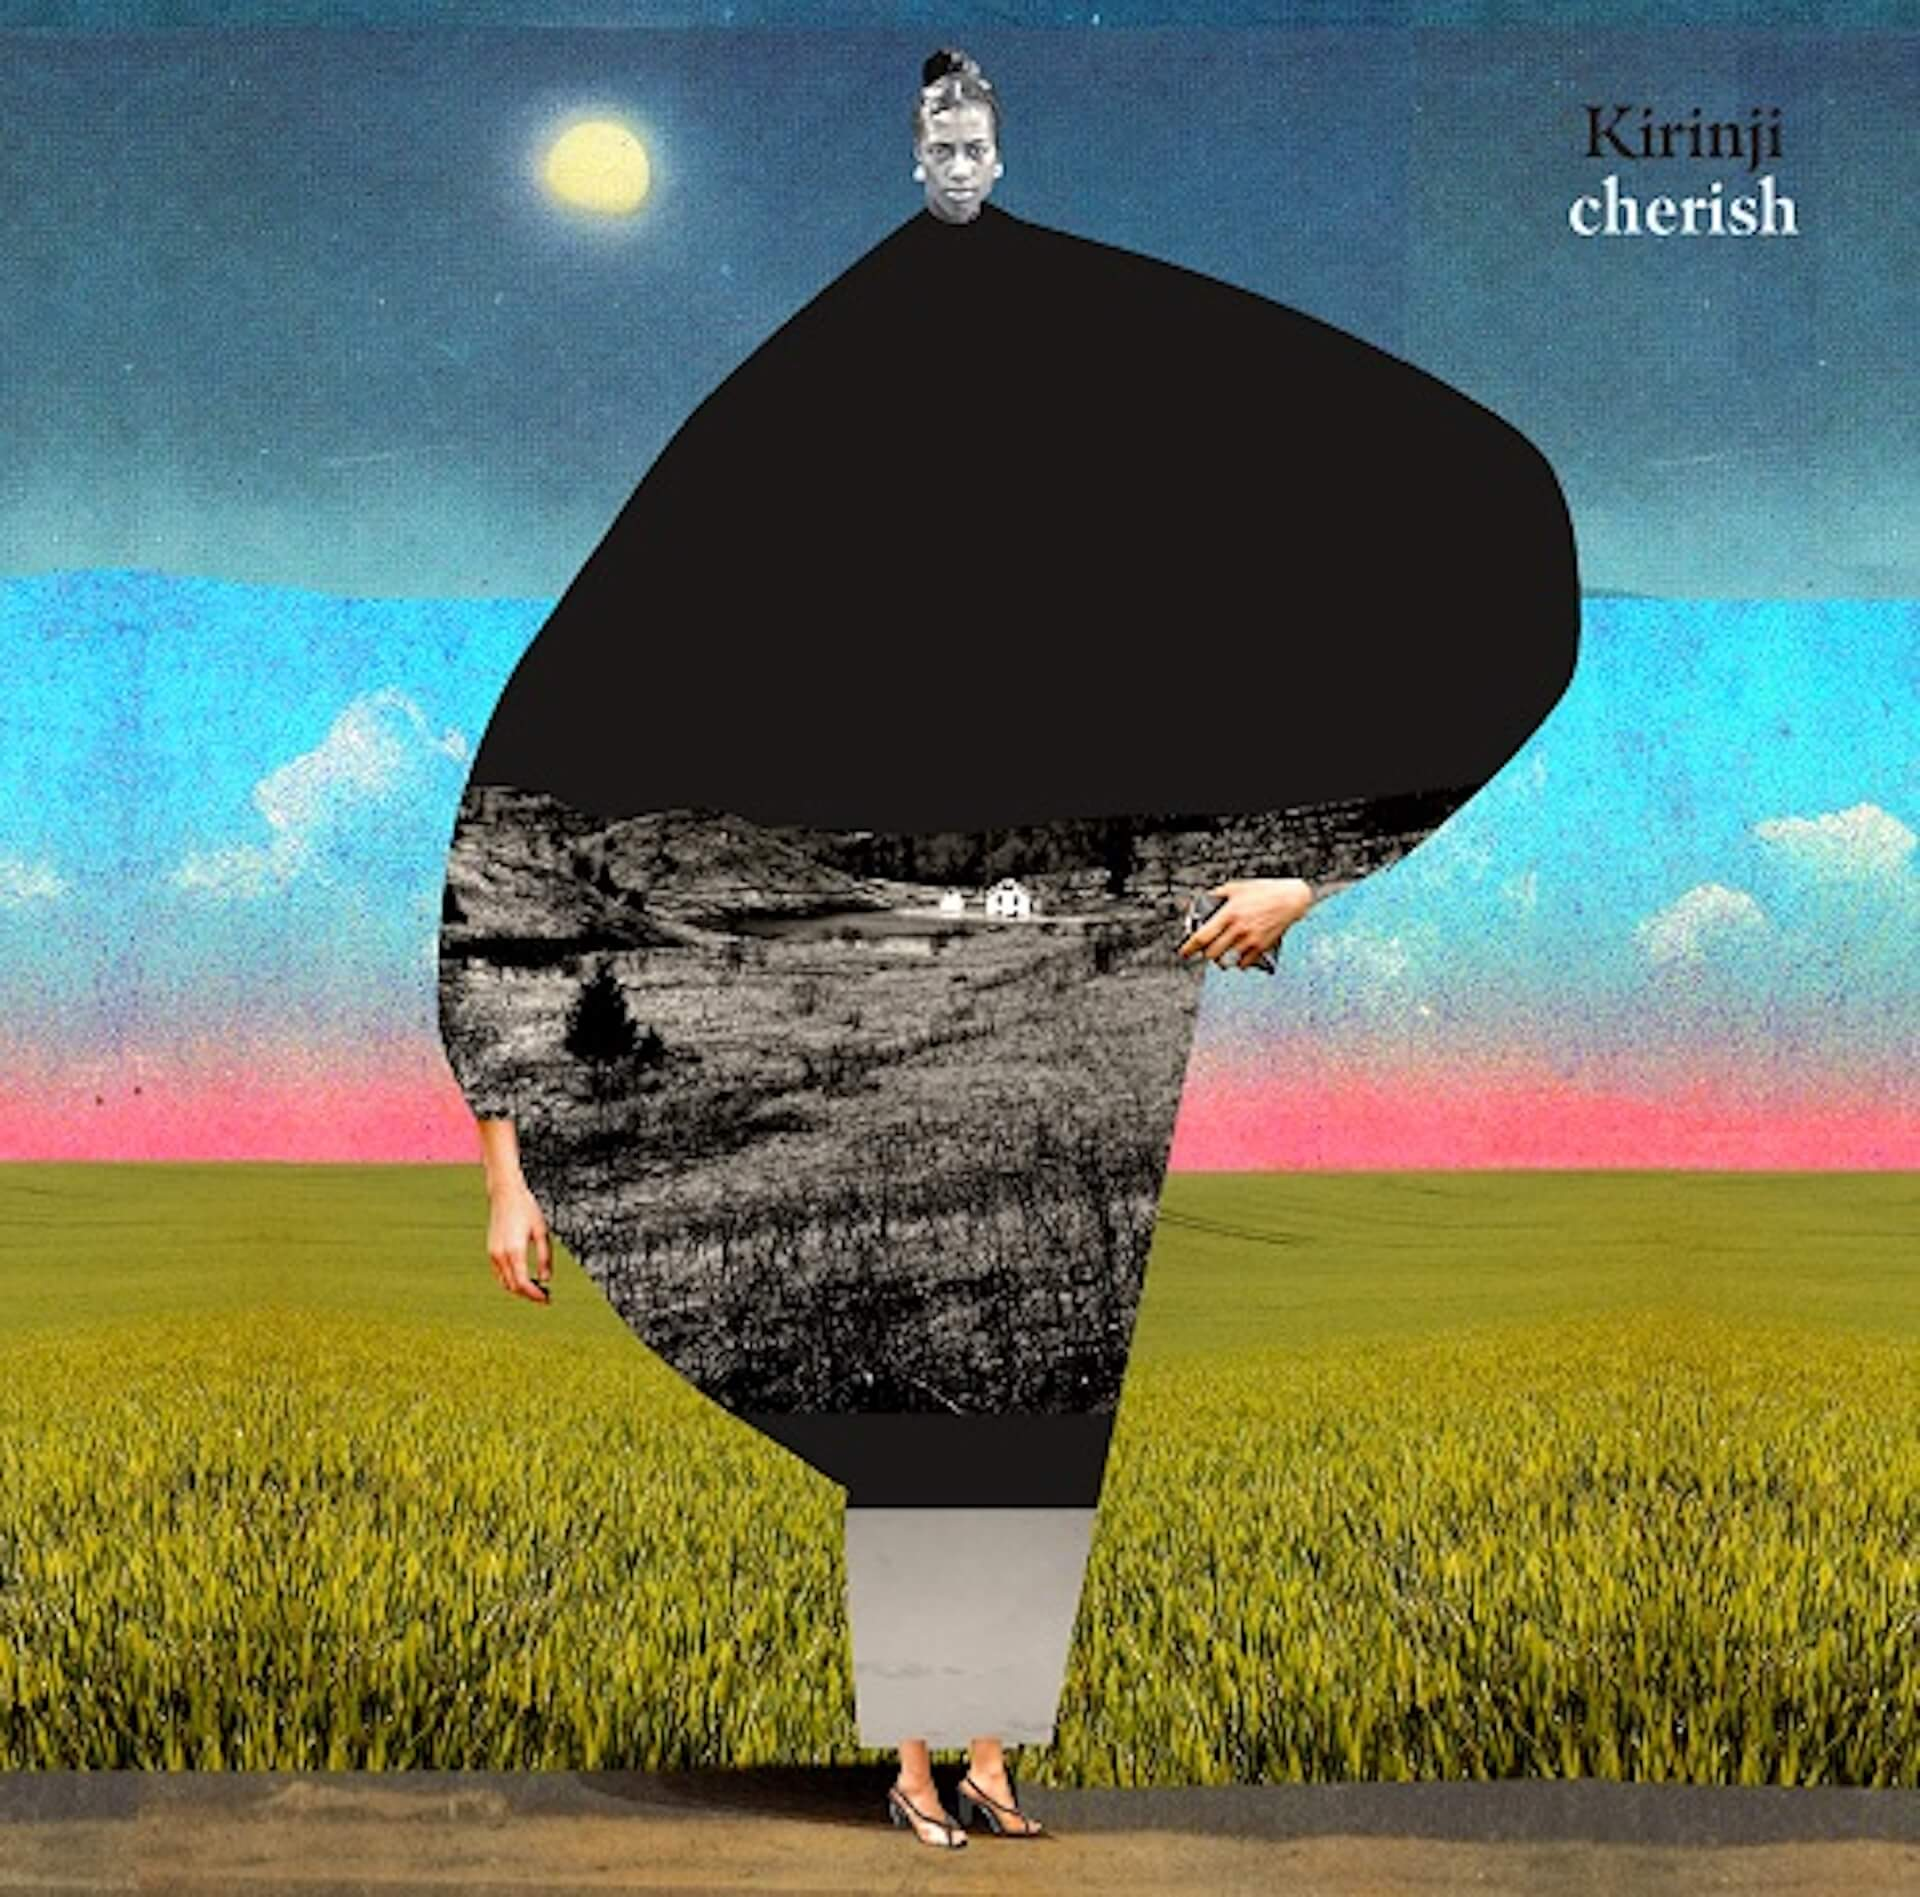 最新アルバム『cherish』リリースを控えるKIRINJIが最新アーティスト写真を公開 鎮座DOPENESSとのコラボ曲先行配信決定 music191023_kirinji_2